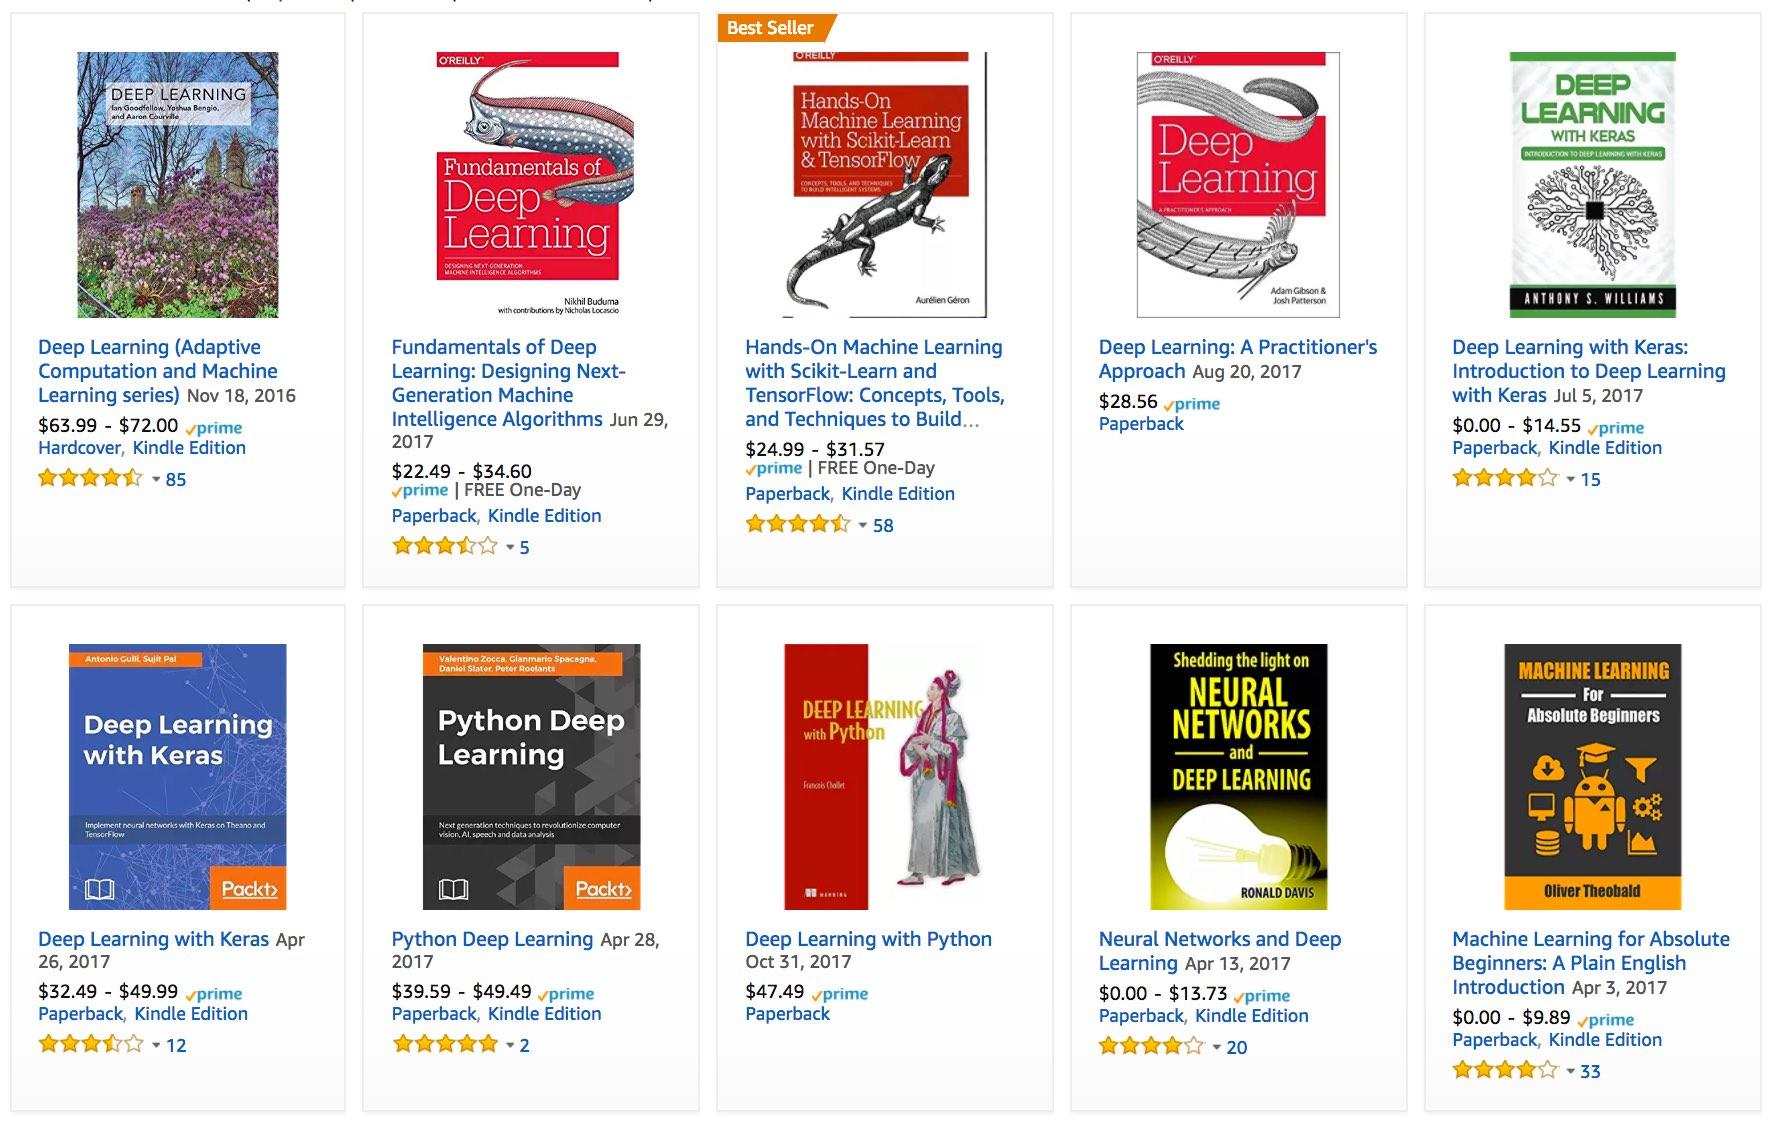 亚马逊推荐的深度学习书籍